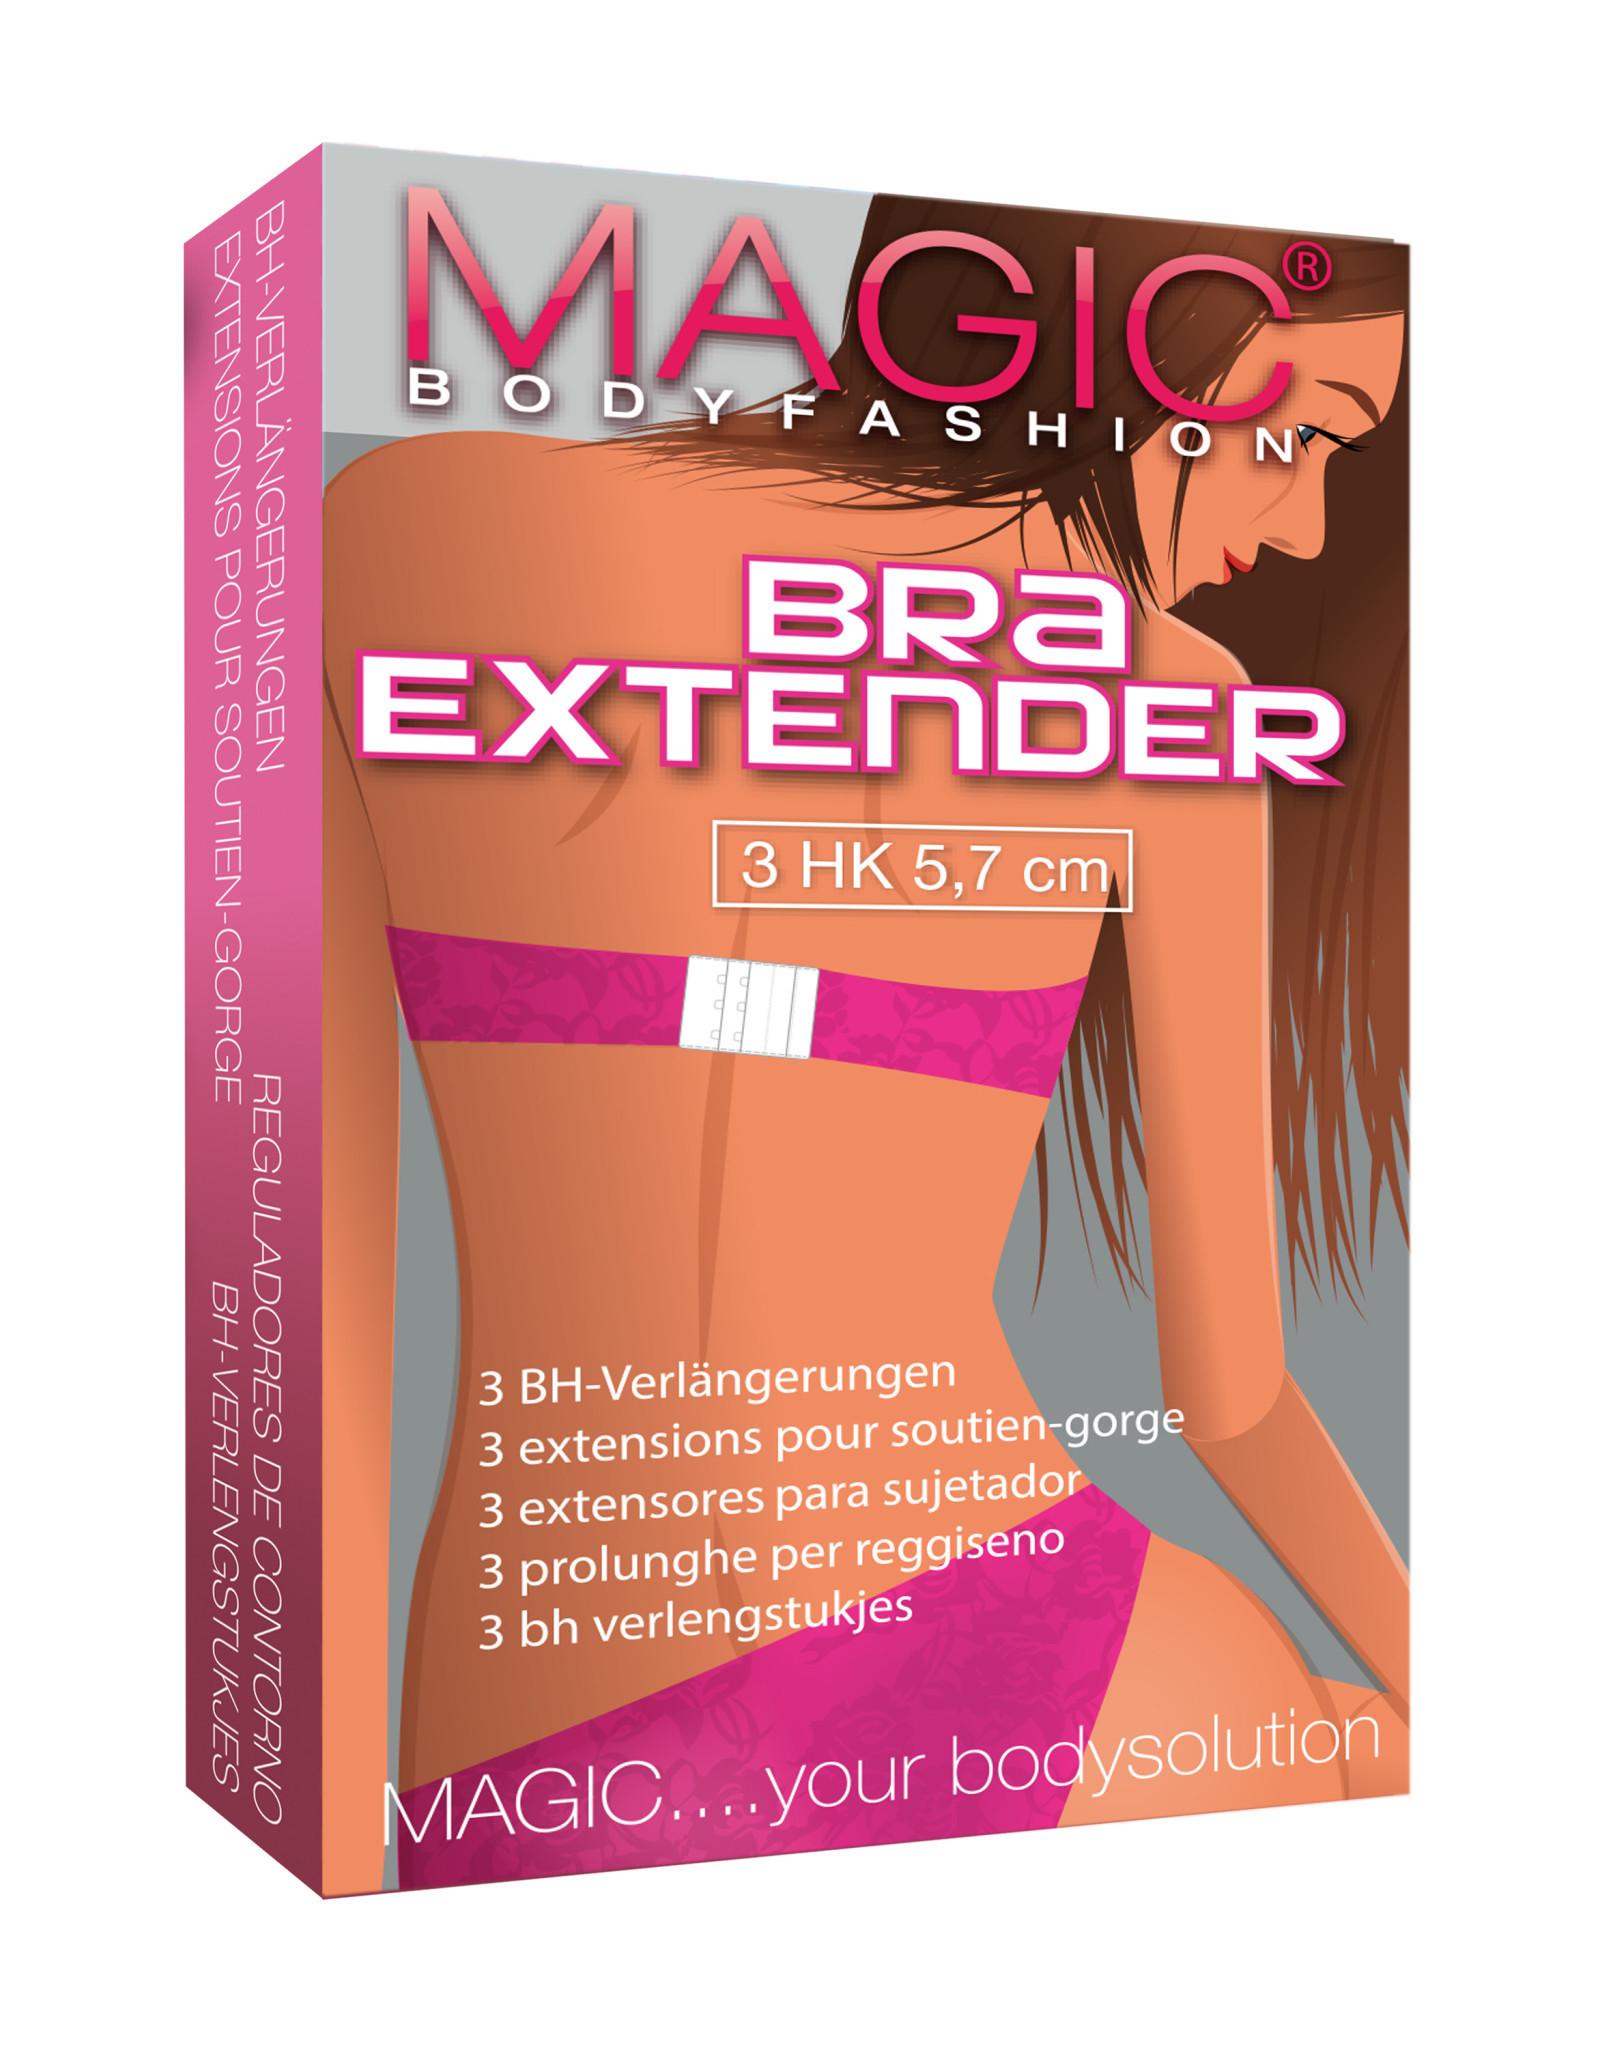 Magic Magic Accessories - Bra Extender